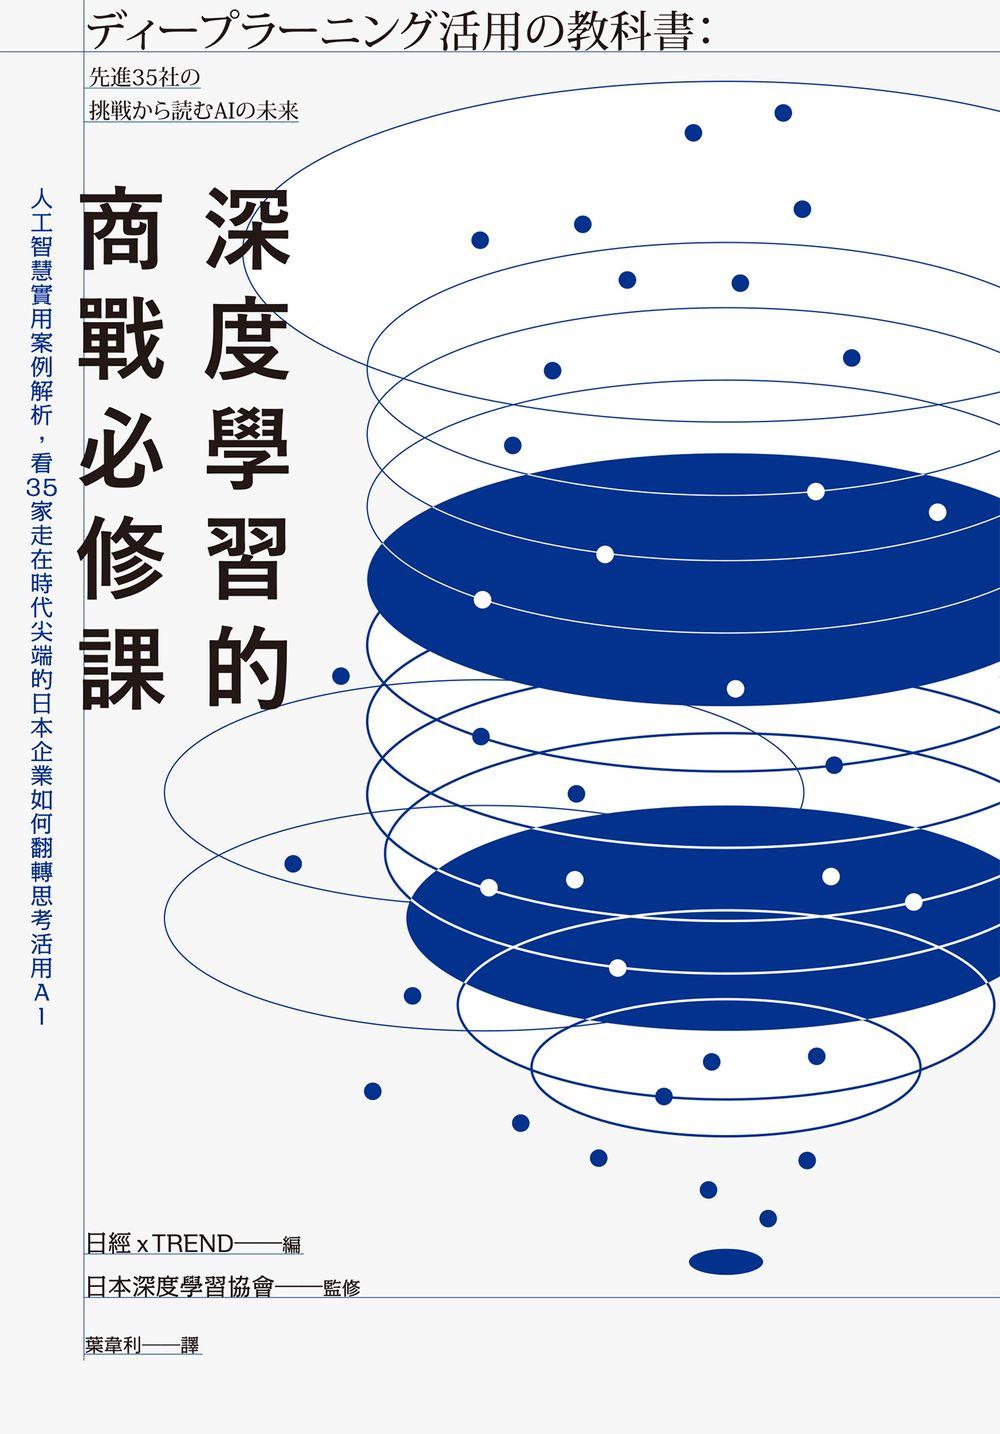 深度學習的商戰必修課:人工智慧實用案例解析,看35家走在時代尖端的日本企業如何翻轉思考活用AI (電子書)